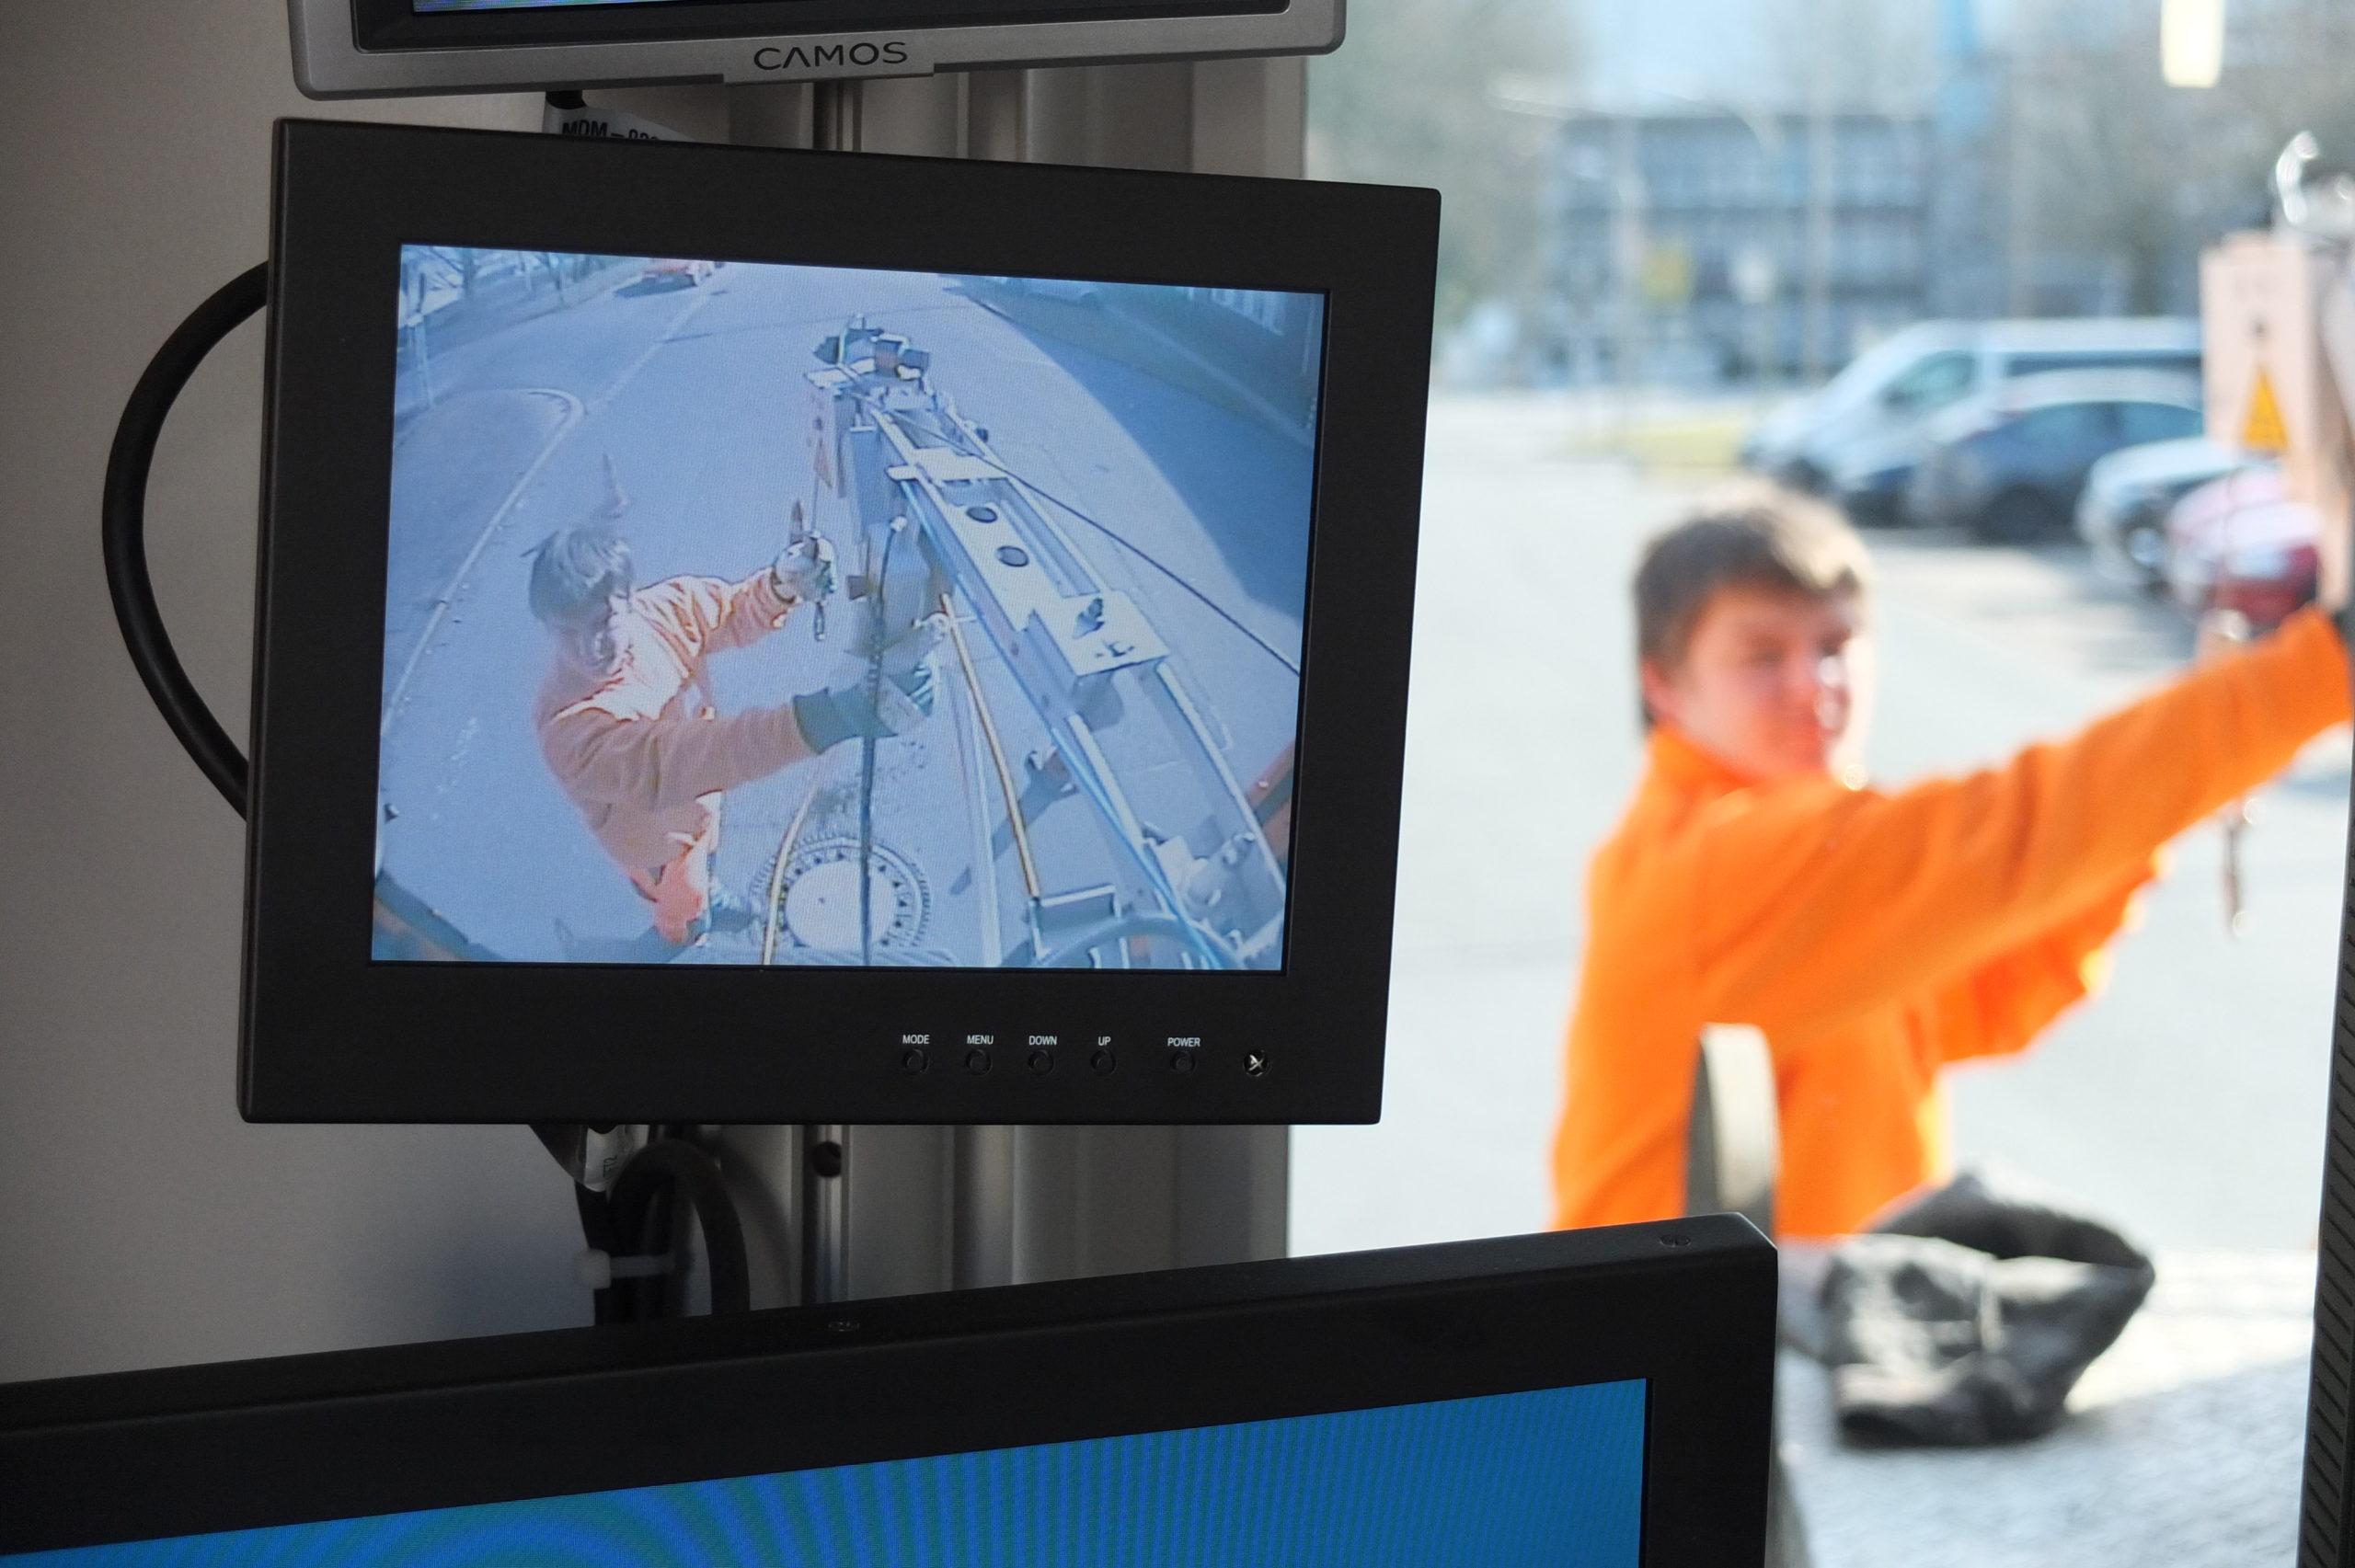 Wir suchen Fachkräfte für Rohr-,Kanal- und Industrieservice